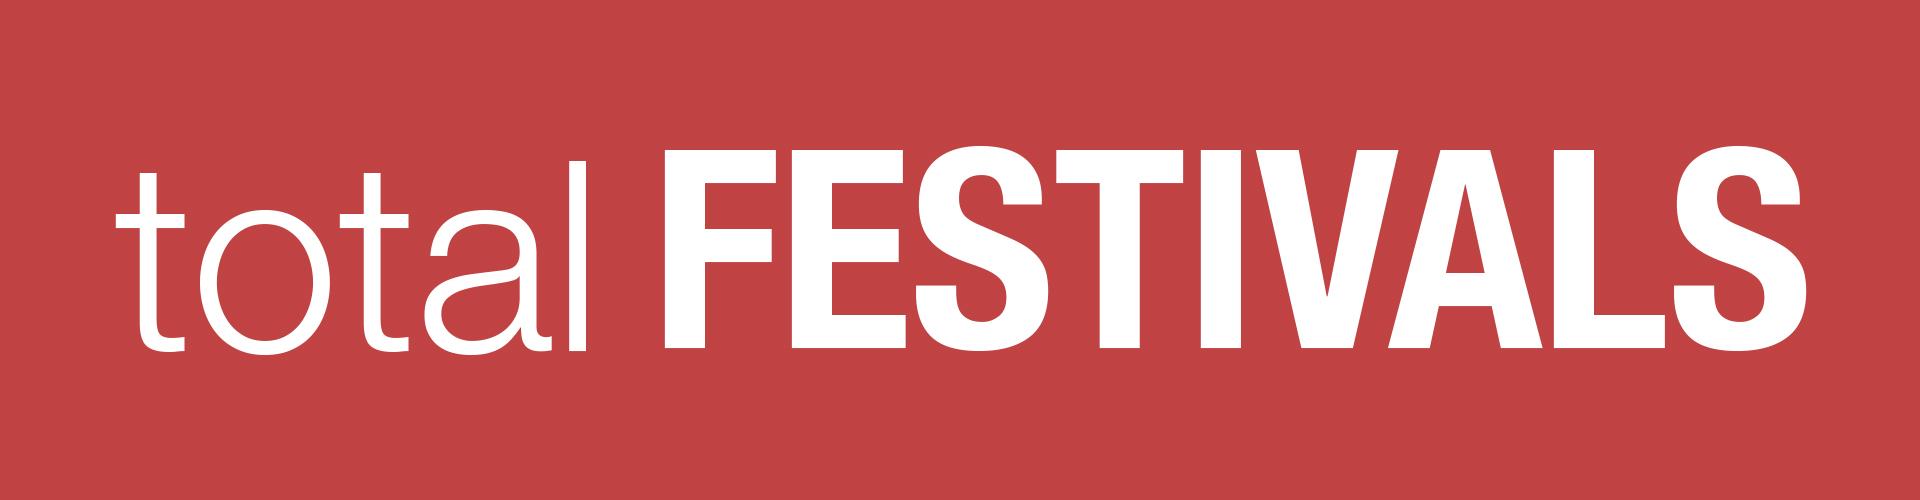 totalfestivals